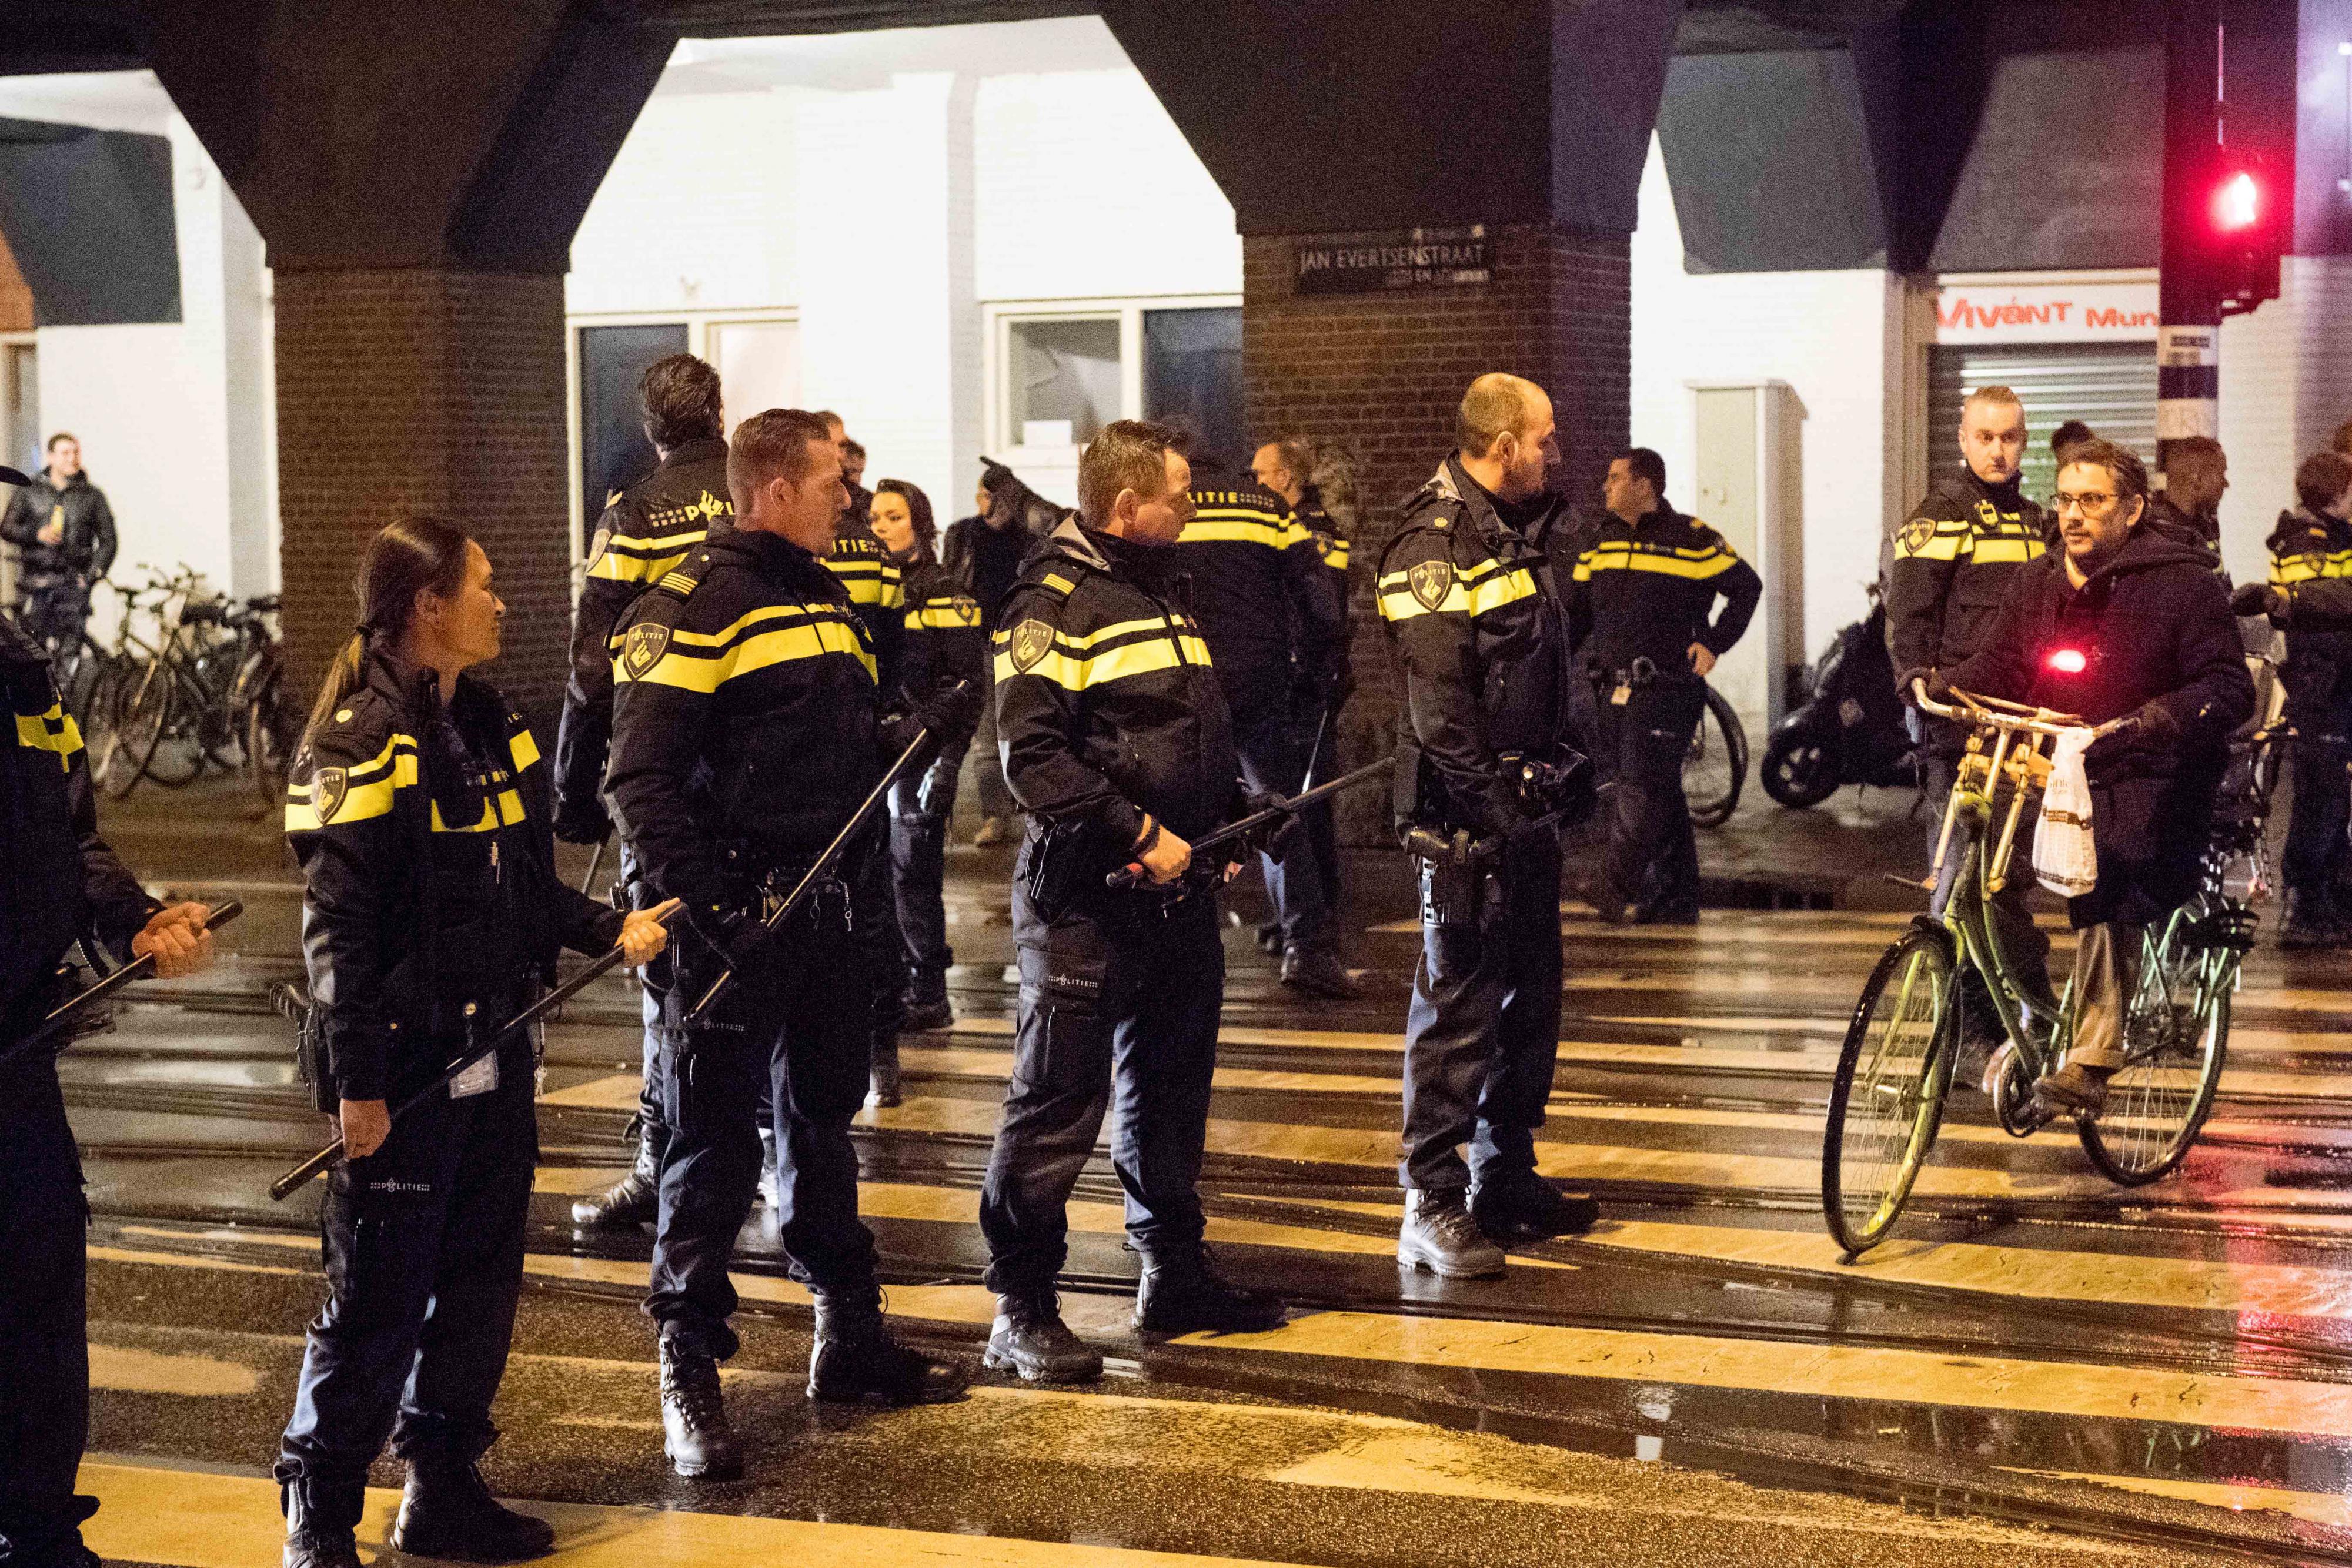 Politie treedt op bij het Amsterdamse Mercatorplein, waar fans van het Marokkaanse voetbalelftal feestvieren. Foto: ANP | Mischa Schoemaker